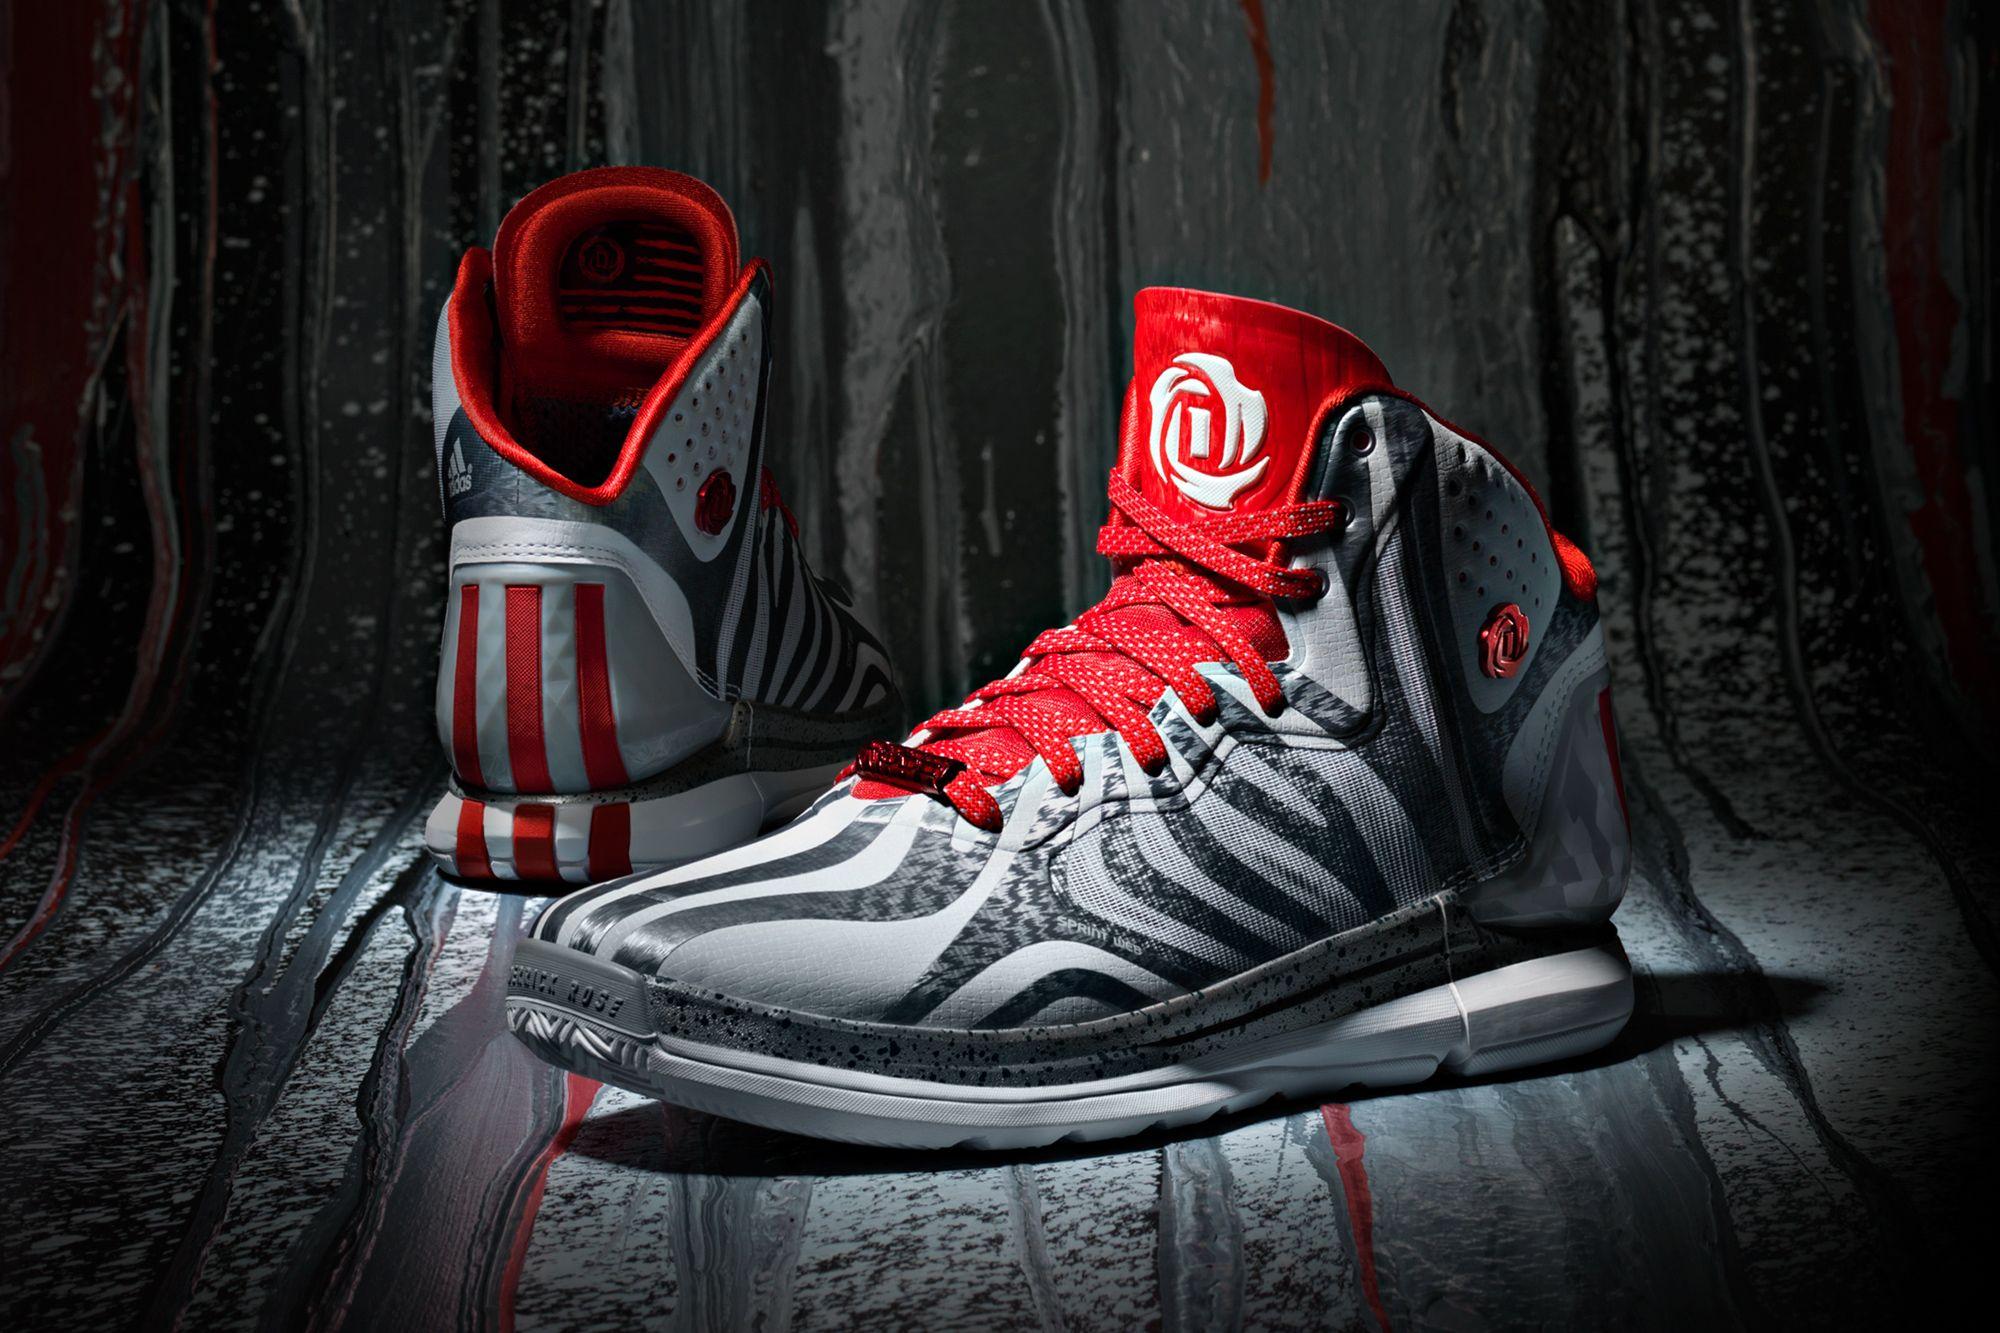 The adidas D Rose 4.5: Grey